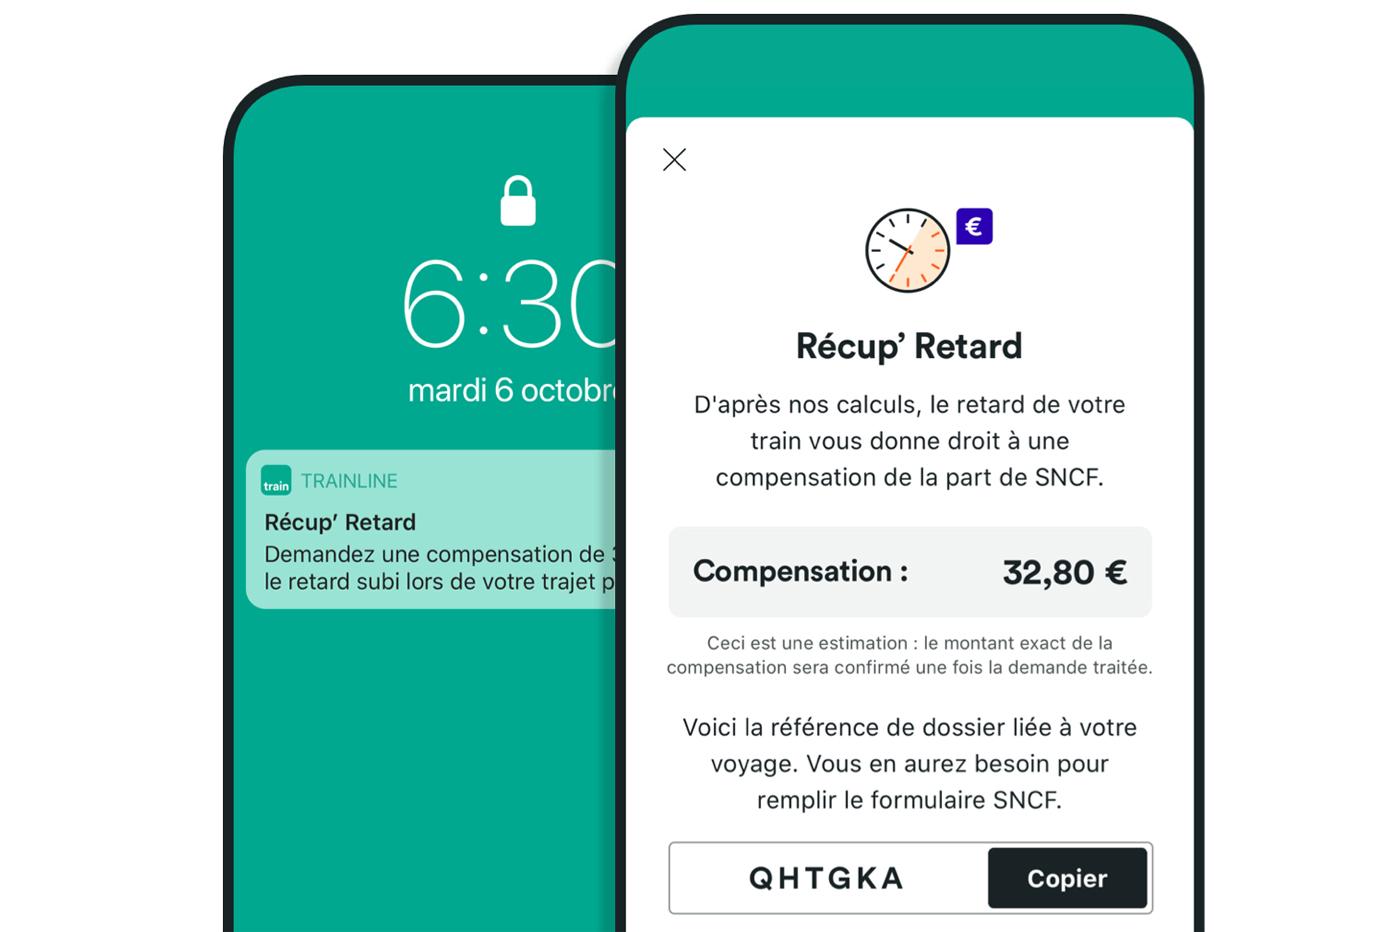 Récup'Retard Application